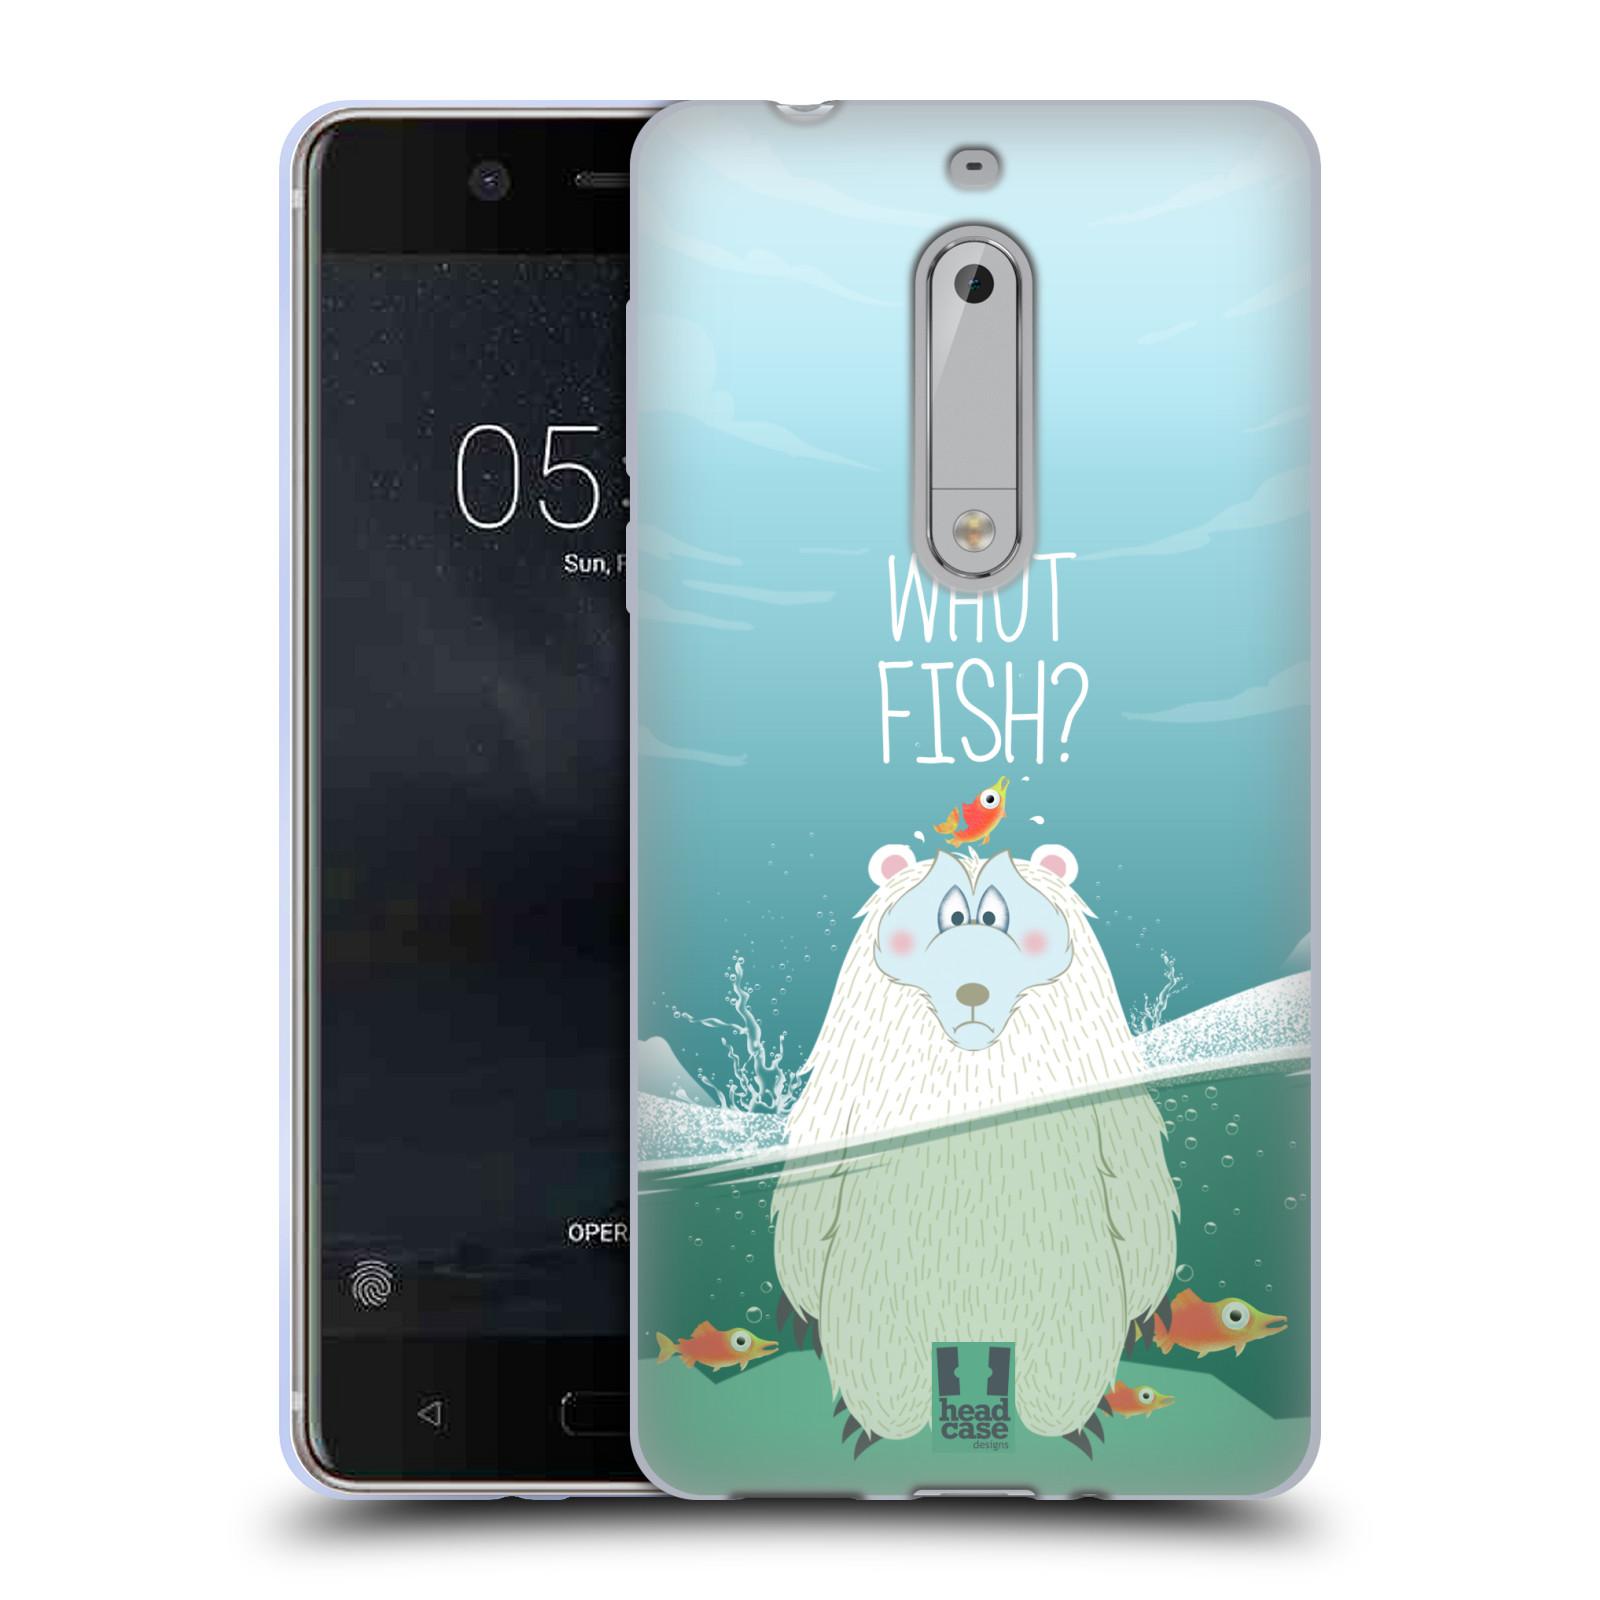 Silikonové pouzdro na mobil Nokia 5 Head Case - Medvěd Whut Fish?